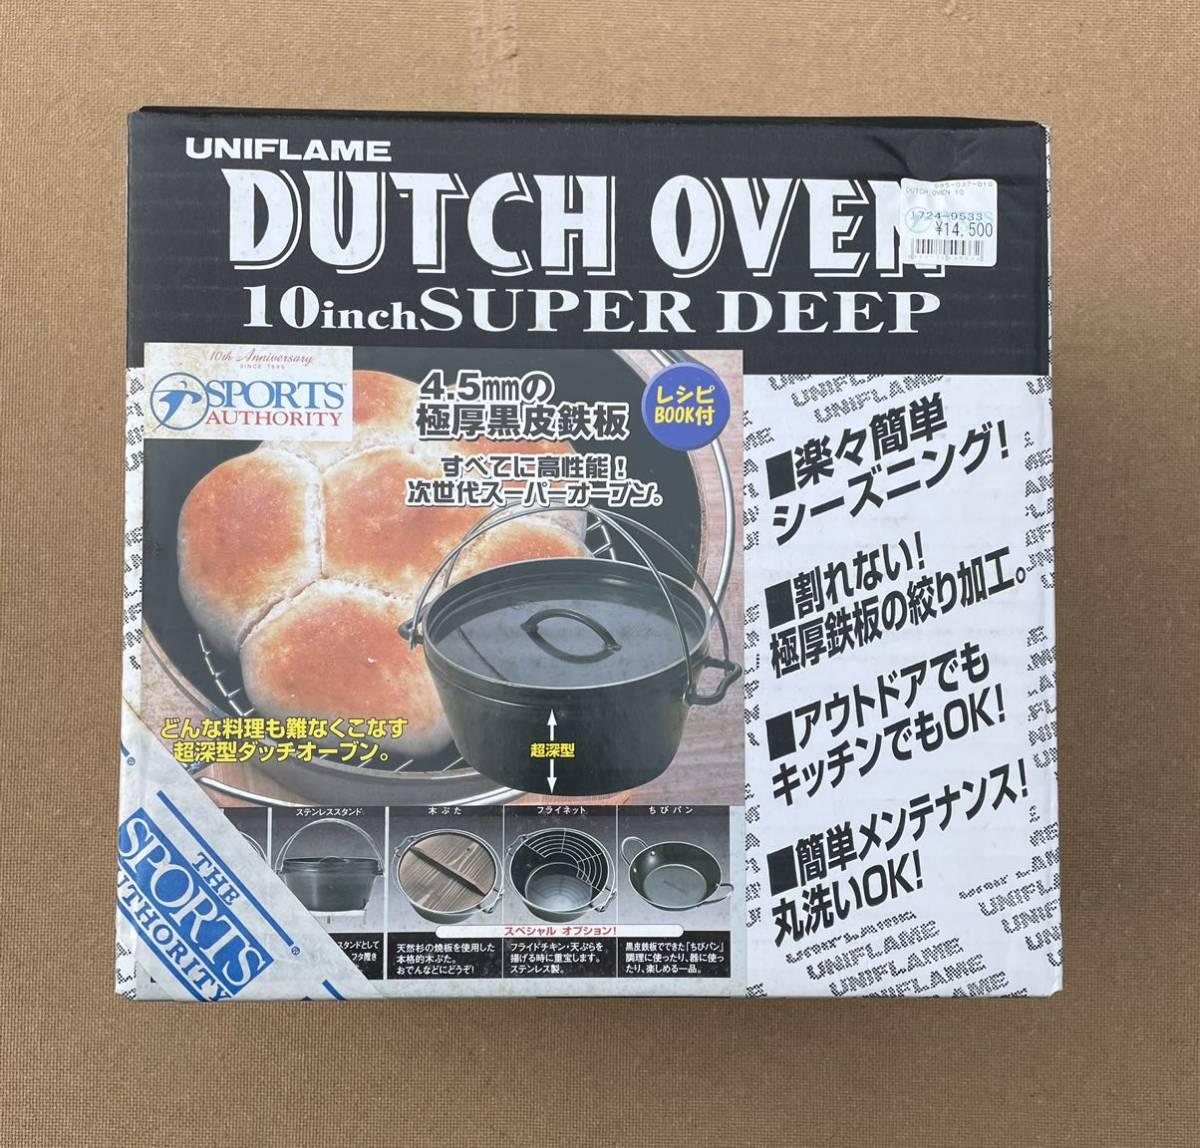 ■新品 未使用品 ユニフレーム UNIFLAME 10inch SUPER DEEP ダッチオーブン